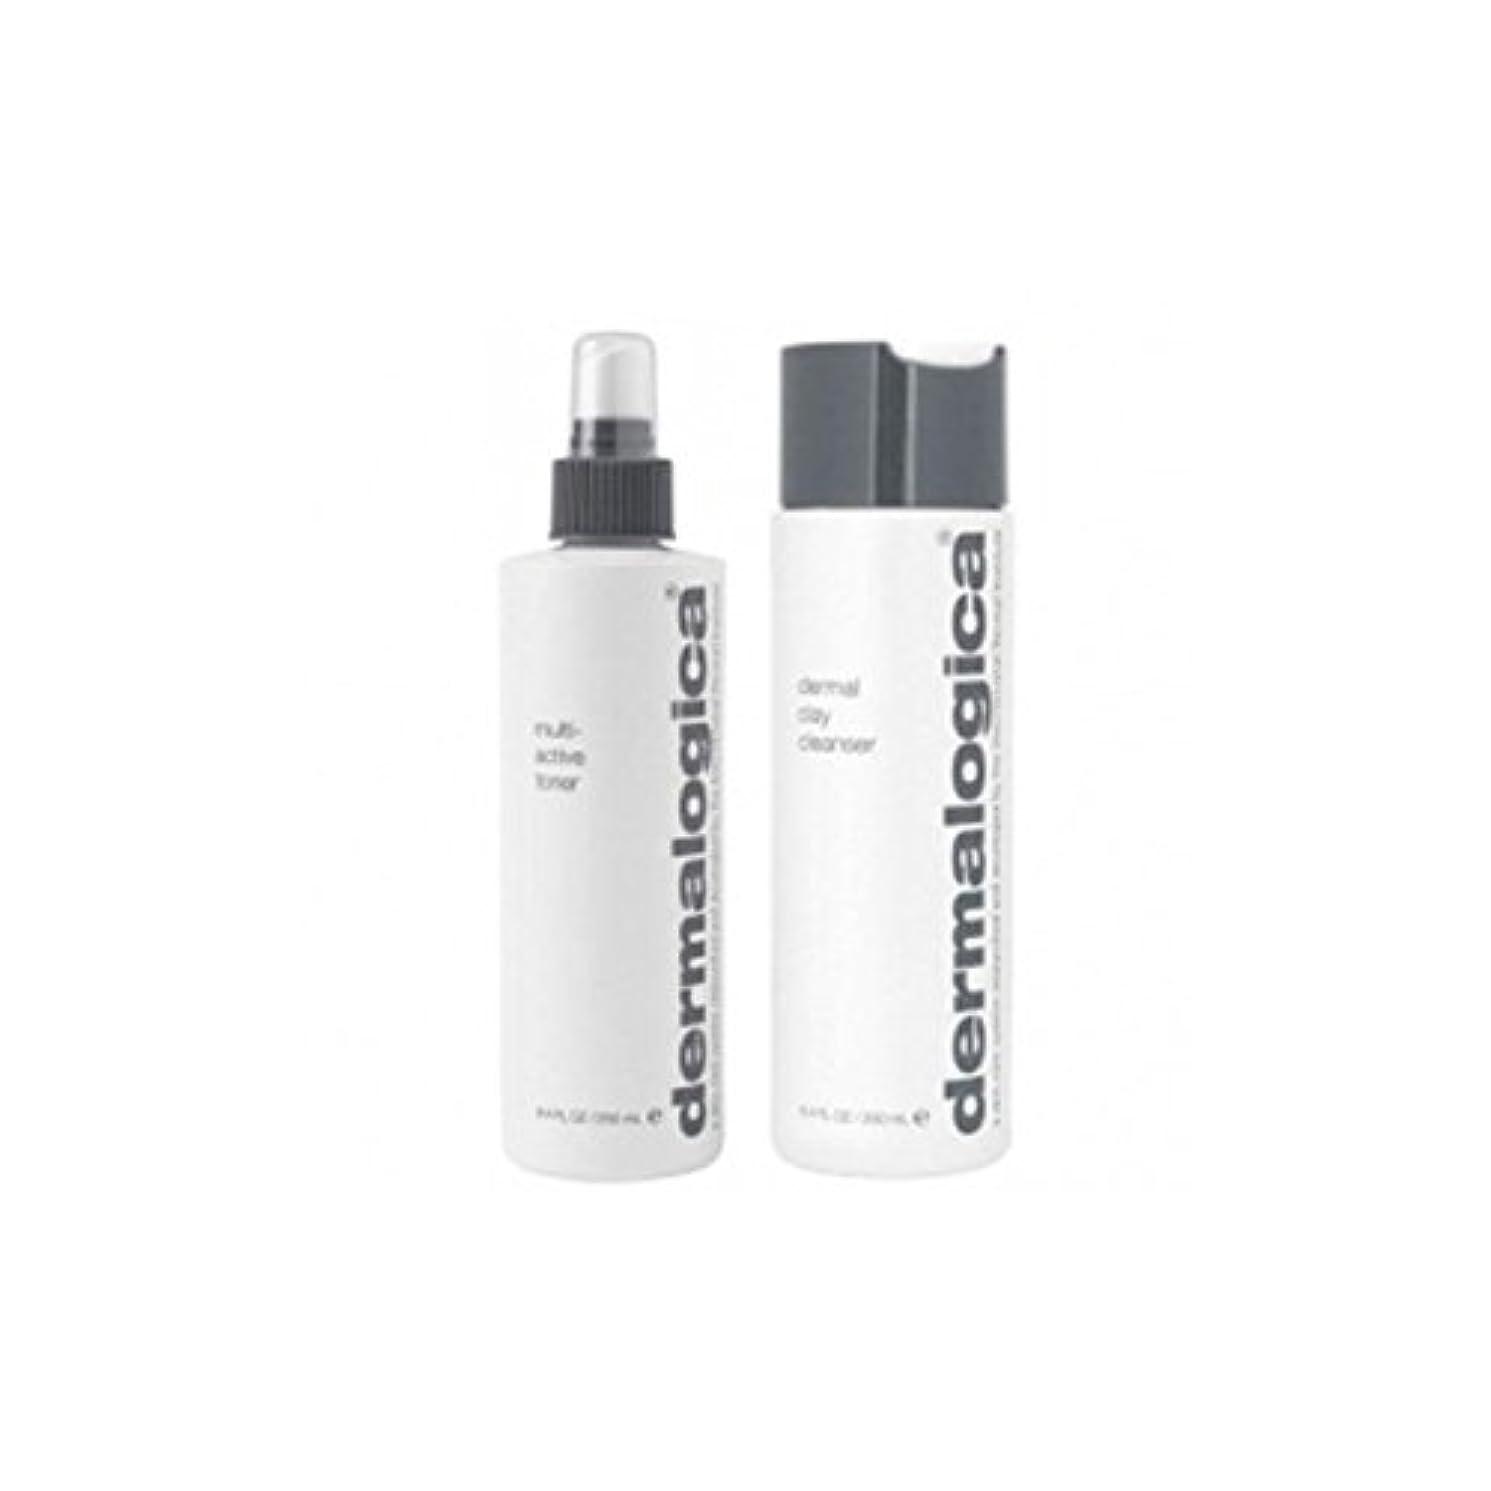 レビューキリン多様性ダーマロジカクレンジング&トーンデュオ - 脂性肌(2製品) x2 - Dermalogica Cleanse & Tone Duo - Oily Skin (2 Products) (Pack of 2) [並行輸入品]